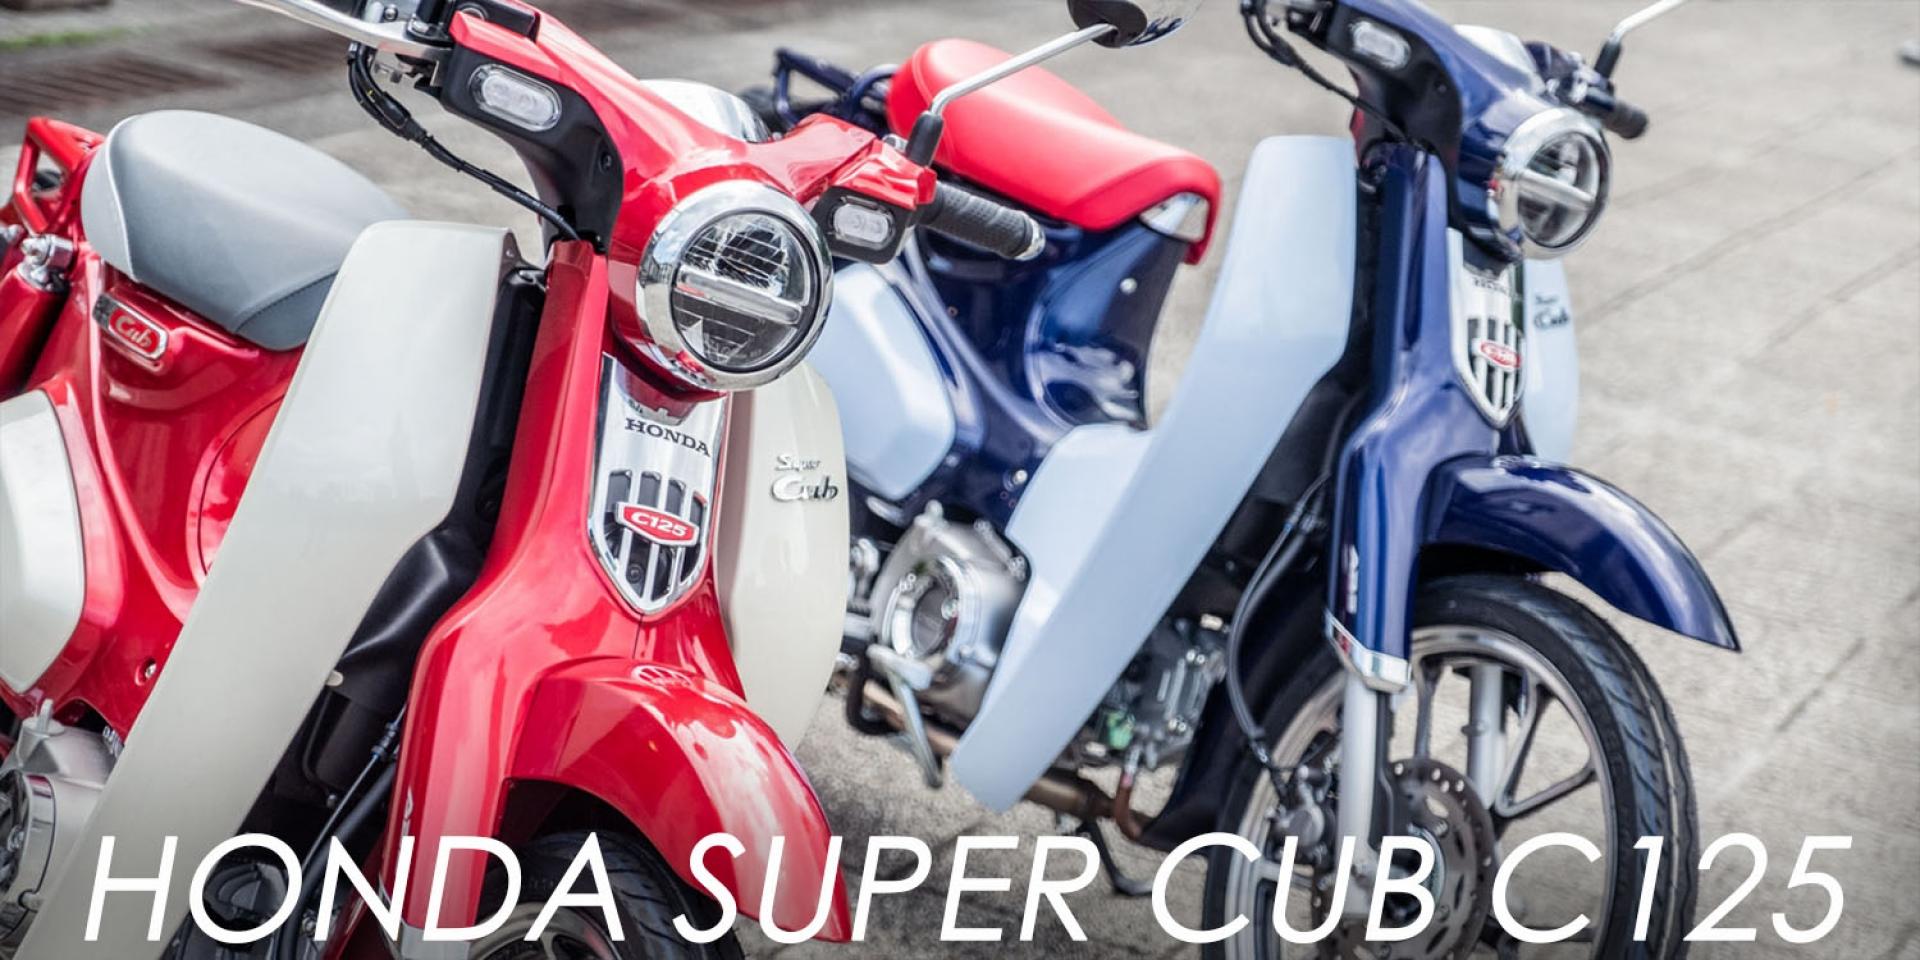 質感超進化 輕鬆享受經典車。HONDA SUPER CUB C125